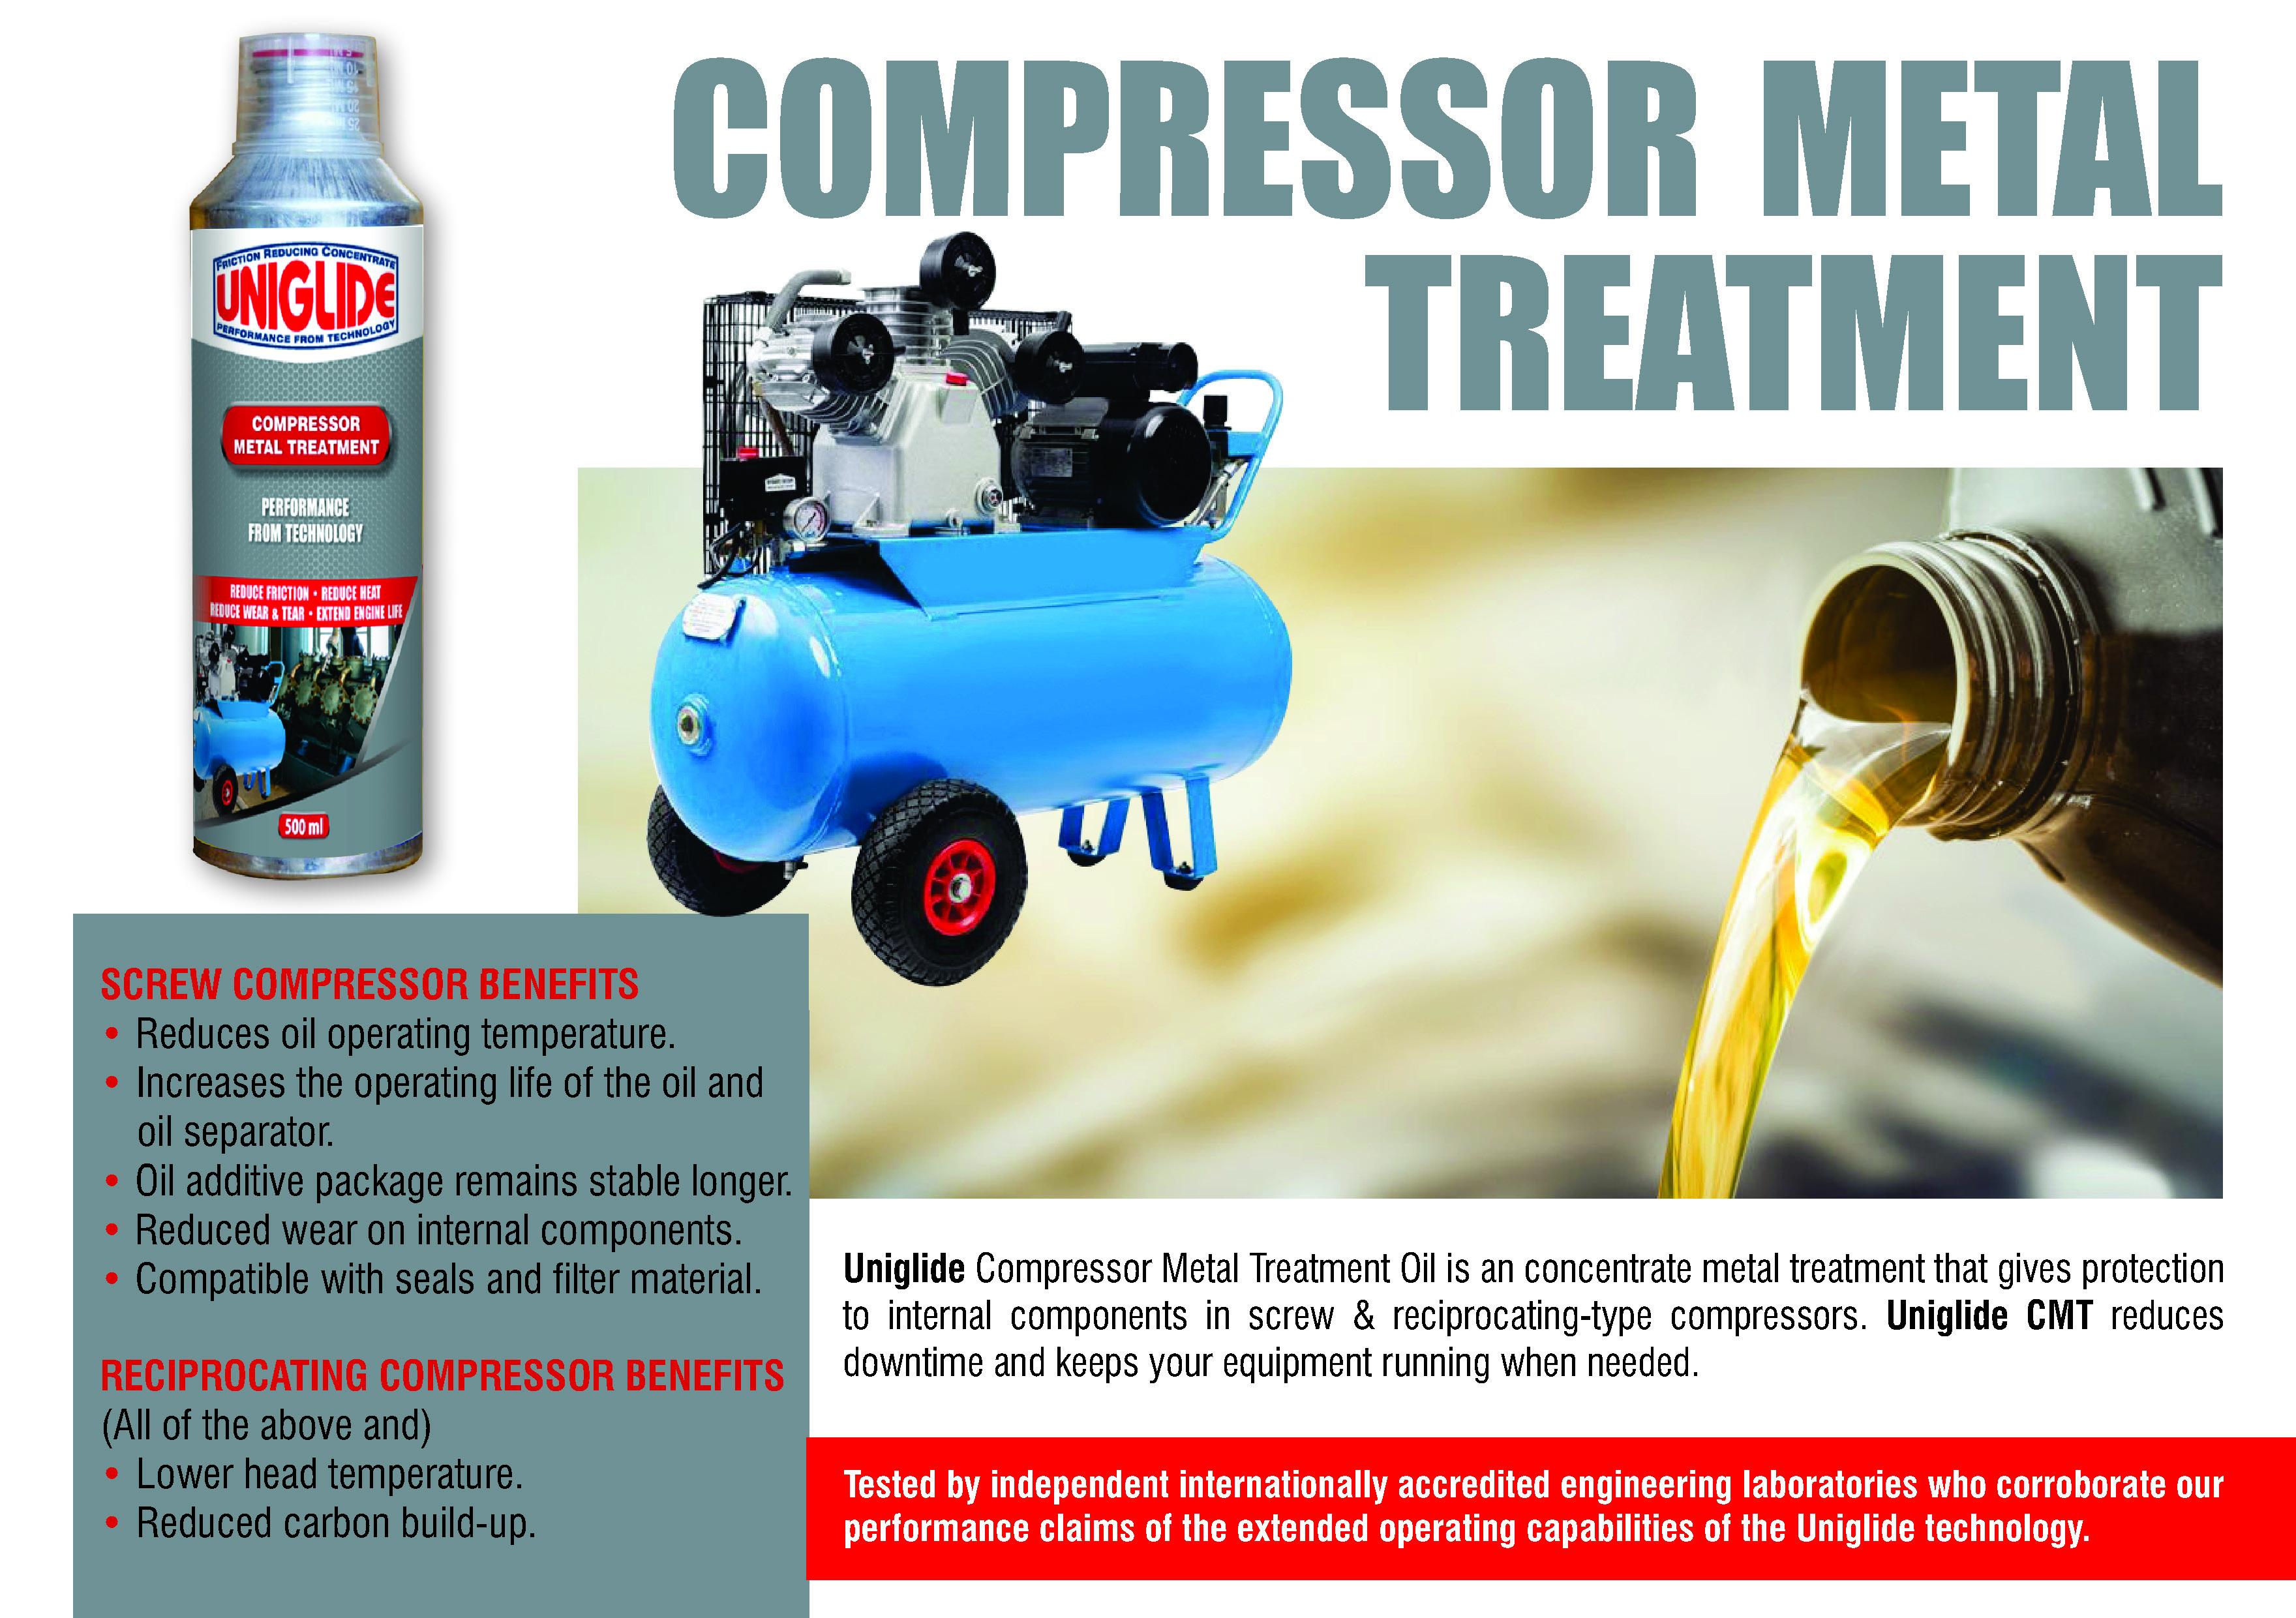 Compressor Metal Treatment Oil